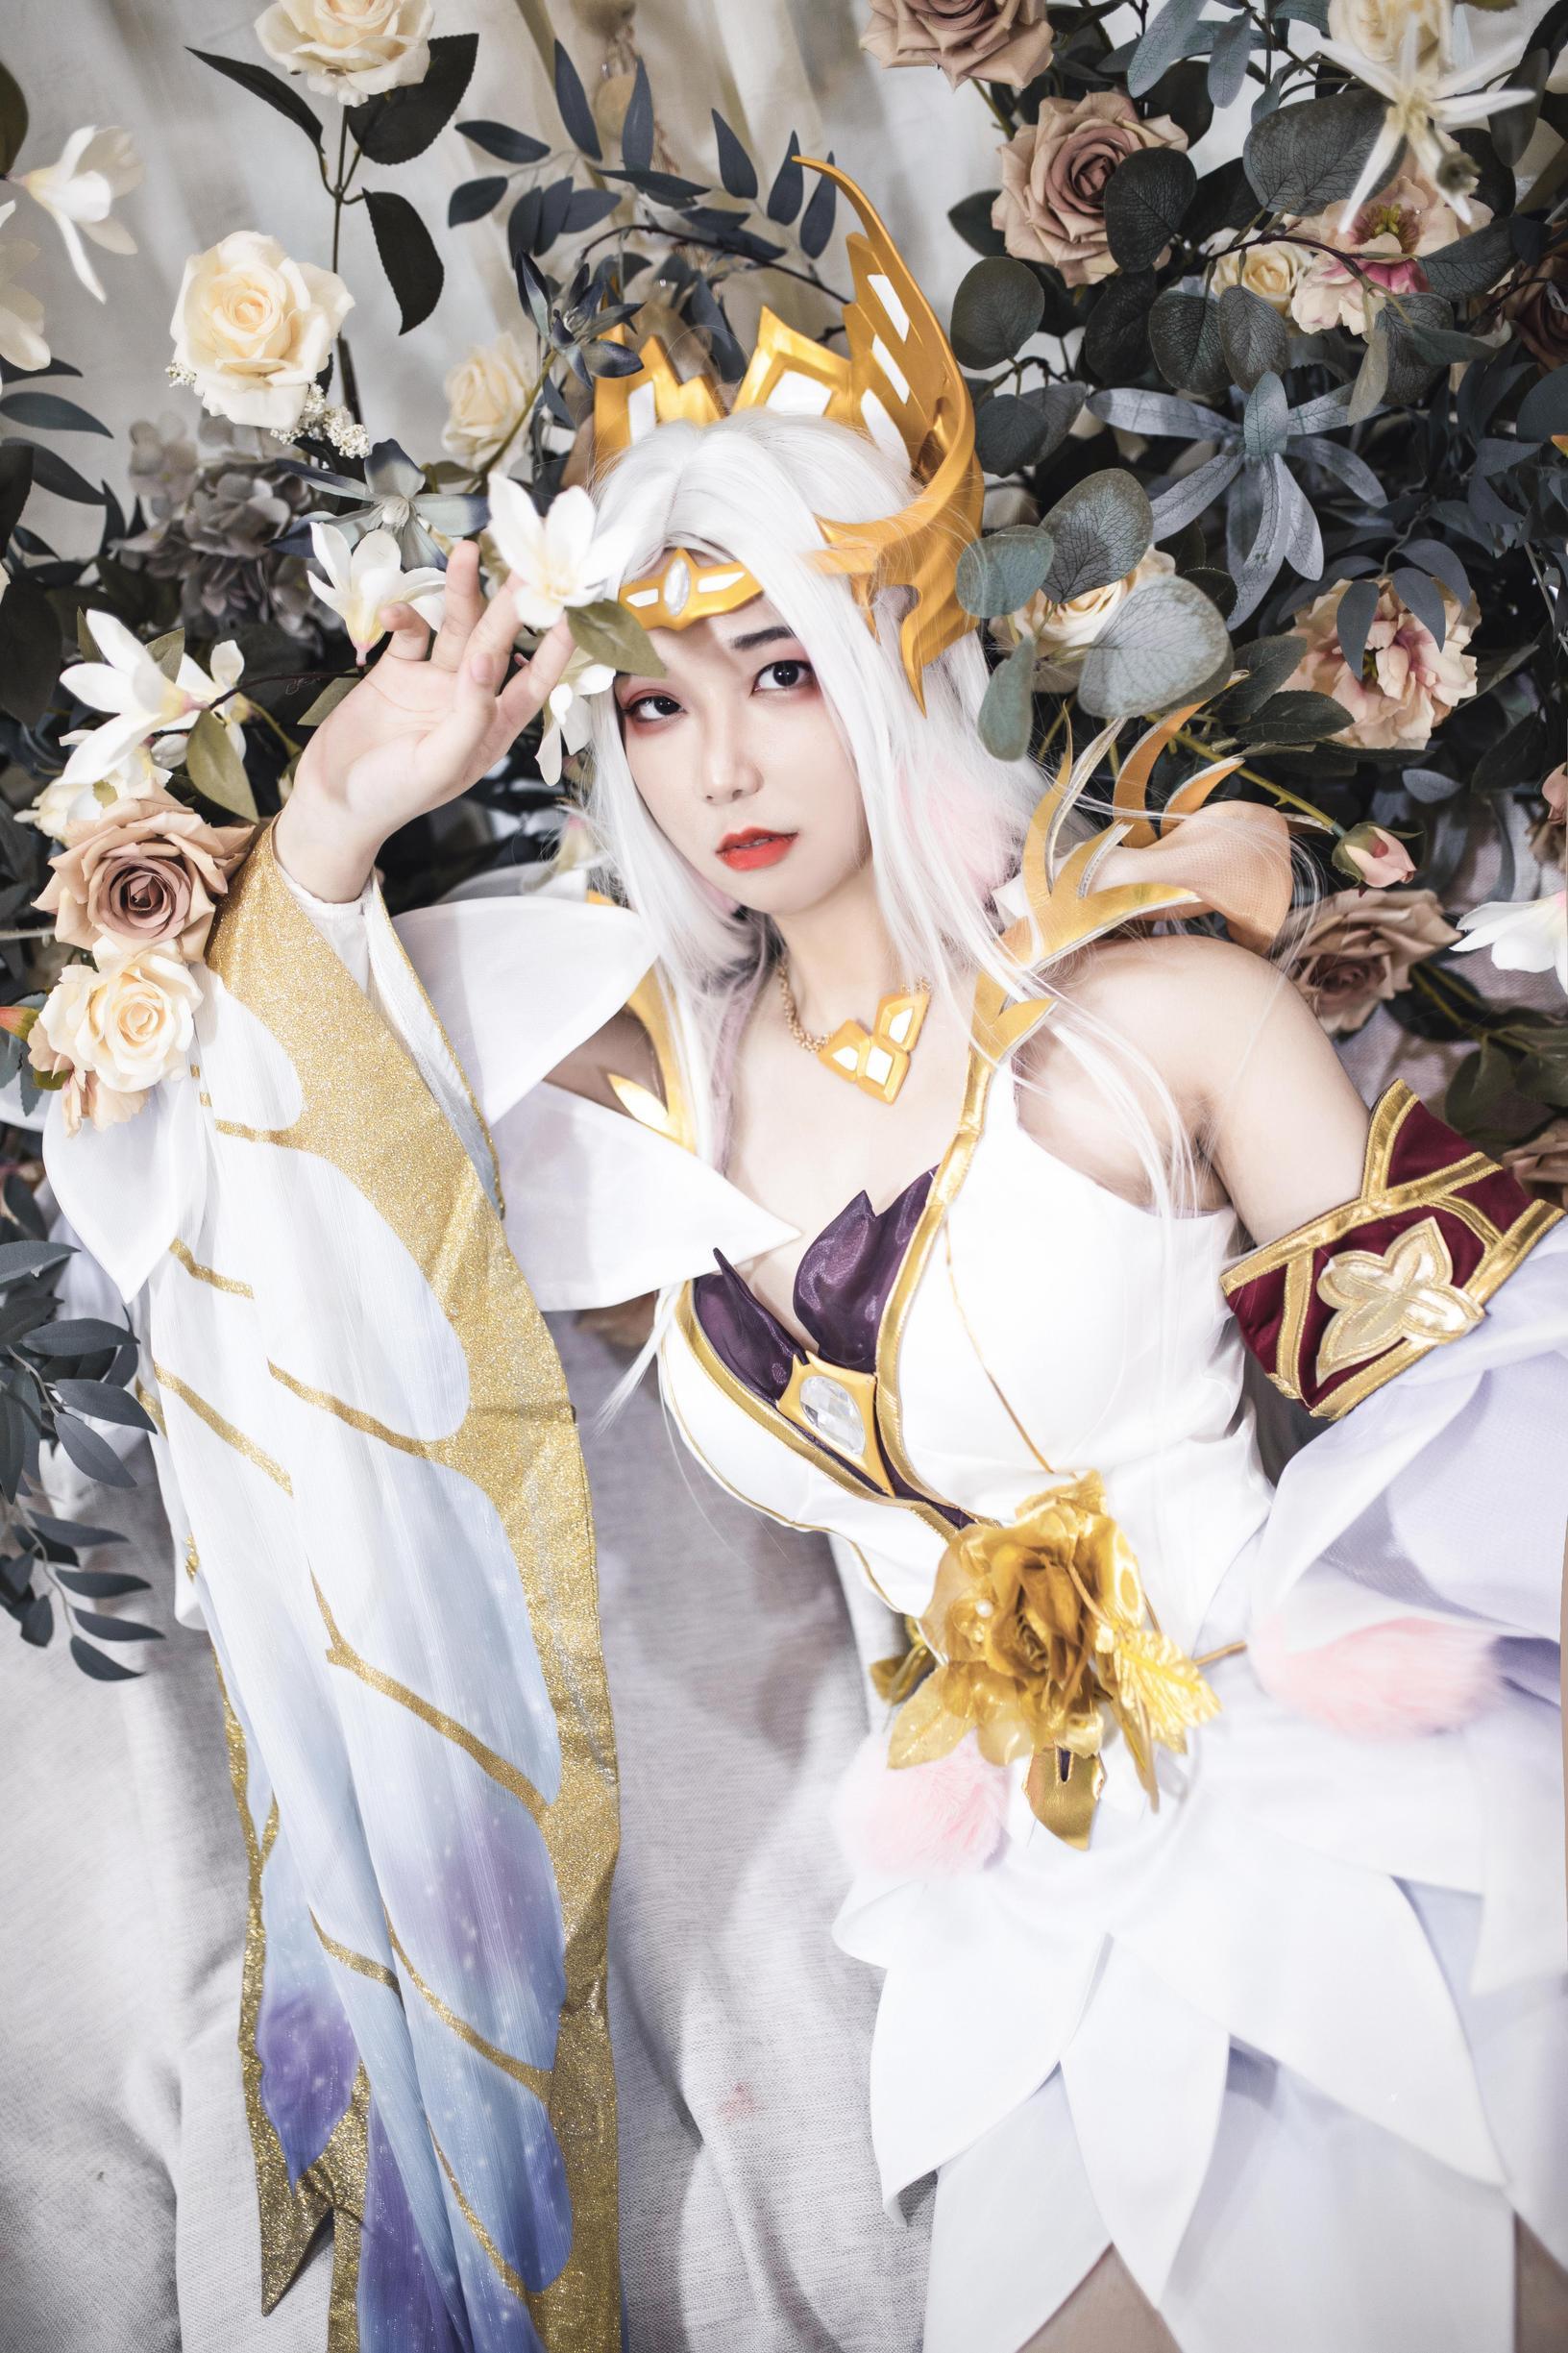 《王者荣耀》王者荣耀貂蝉cosplay【CN:阿音mew】-第4张